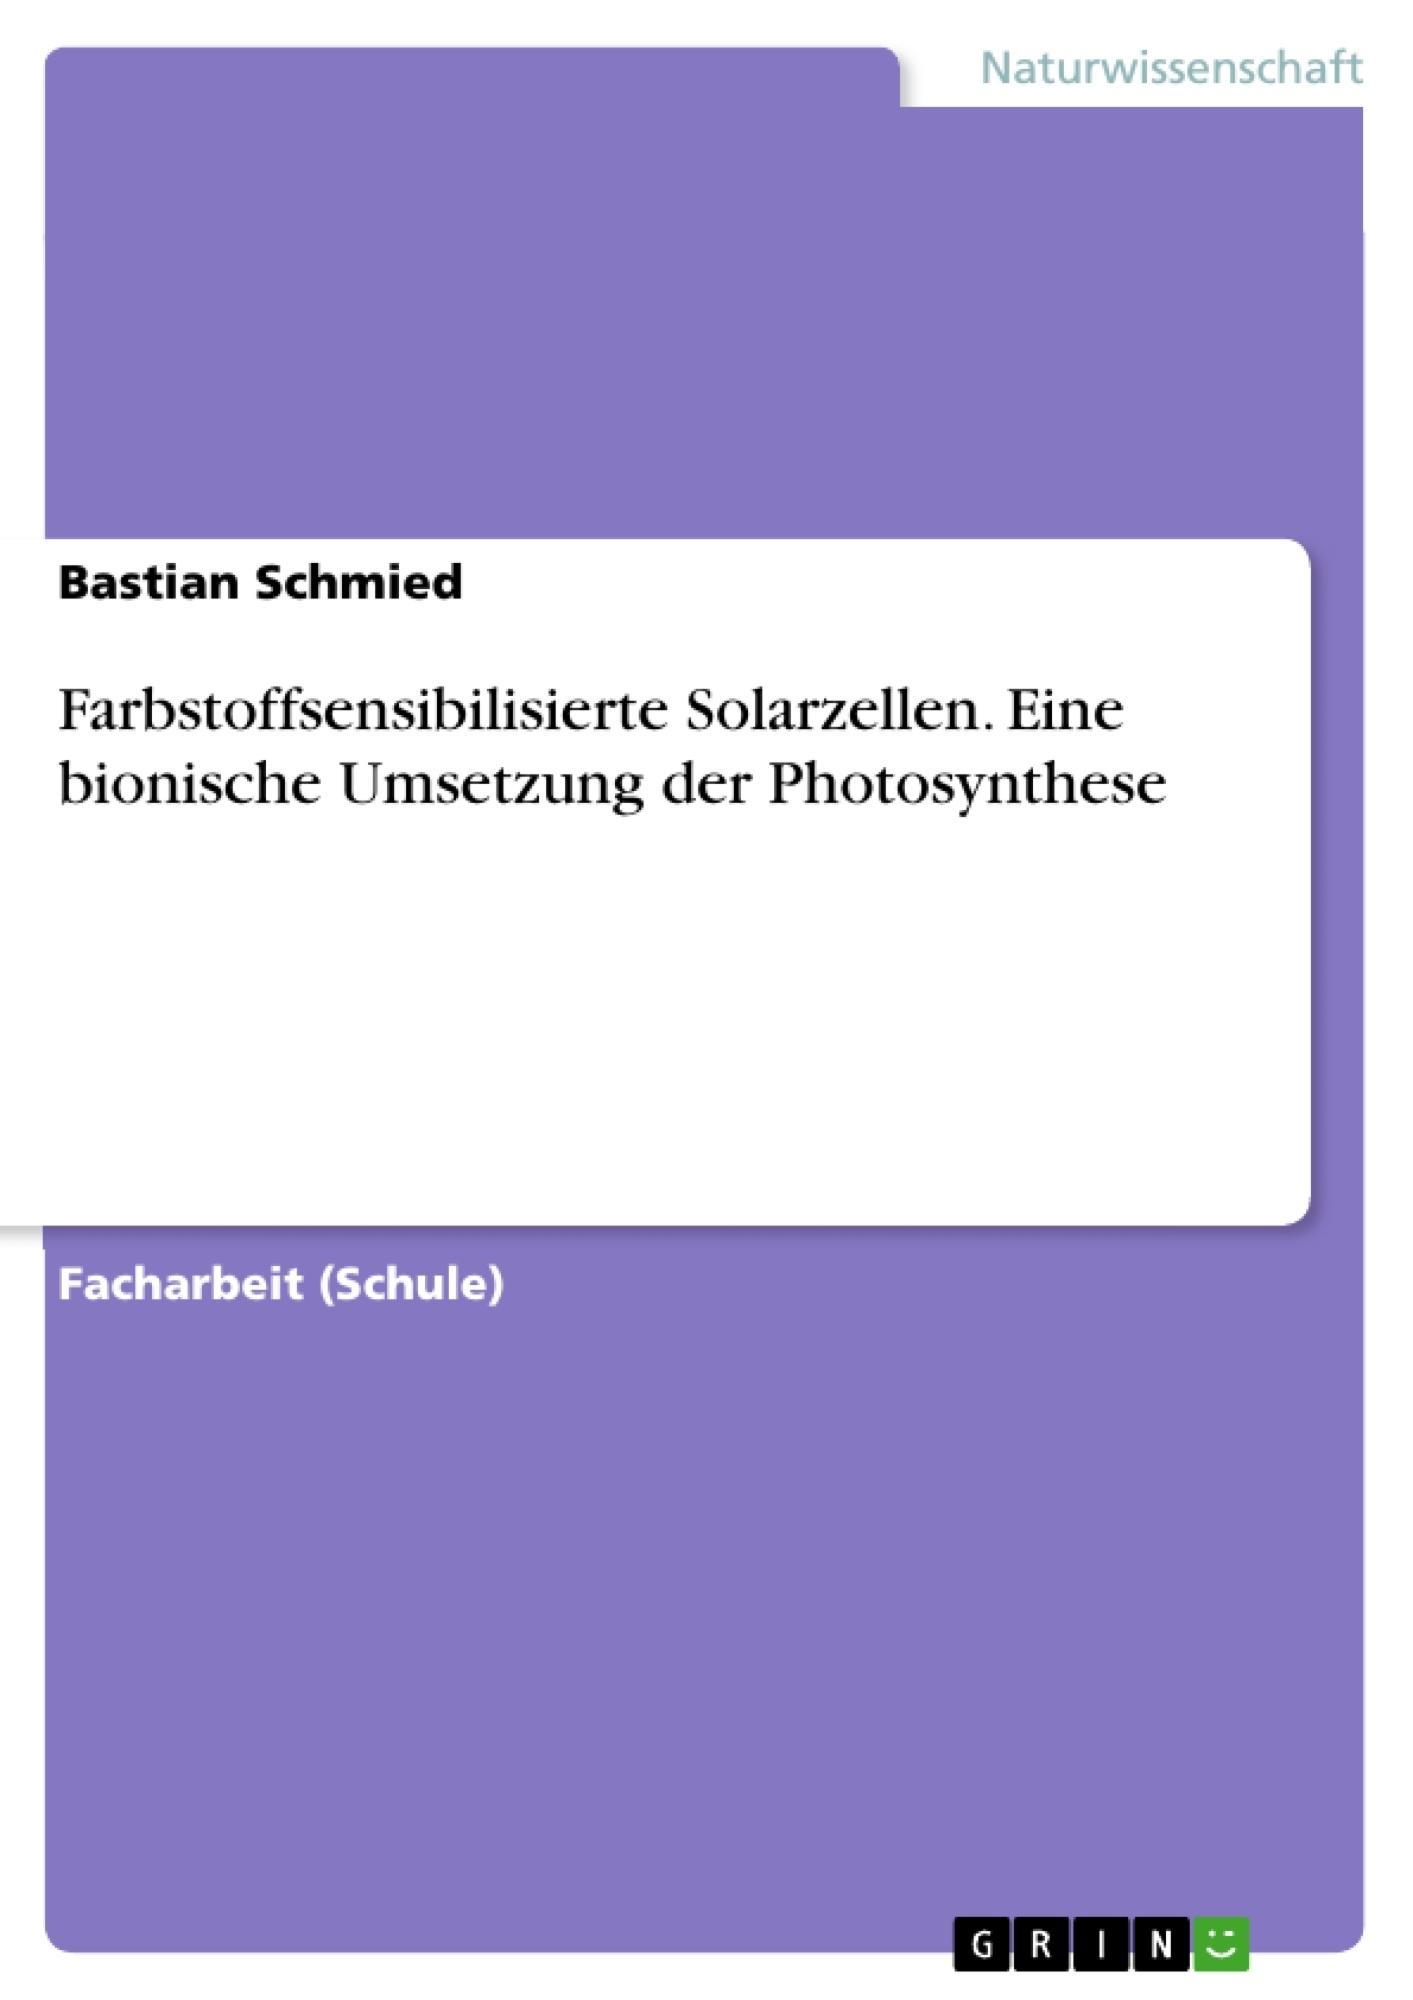 Titel: Farbstoffsensibilisierte Solarzellen. Eine bionische Umsetzung der Photosynthese